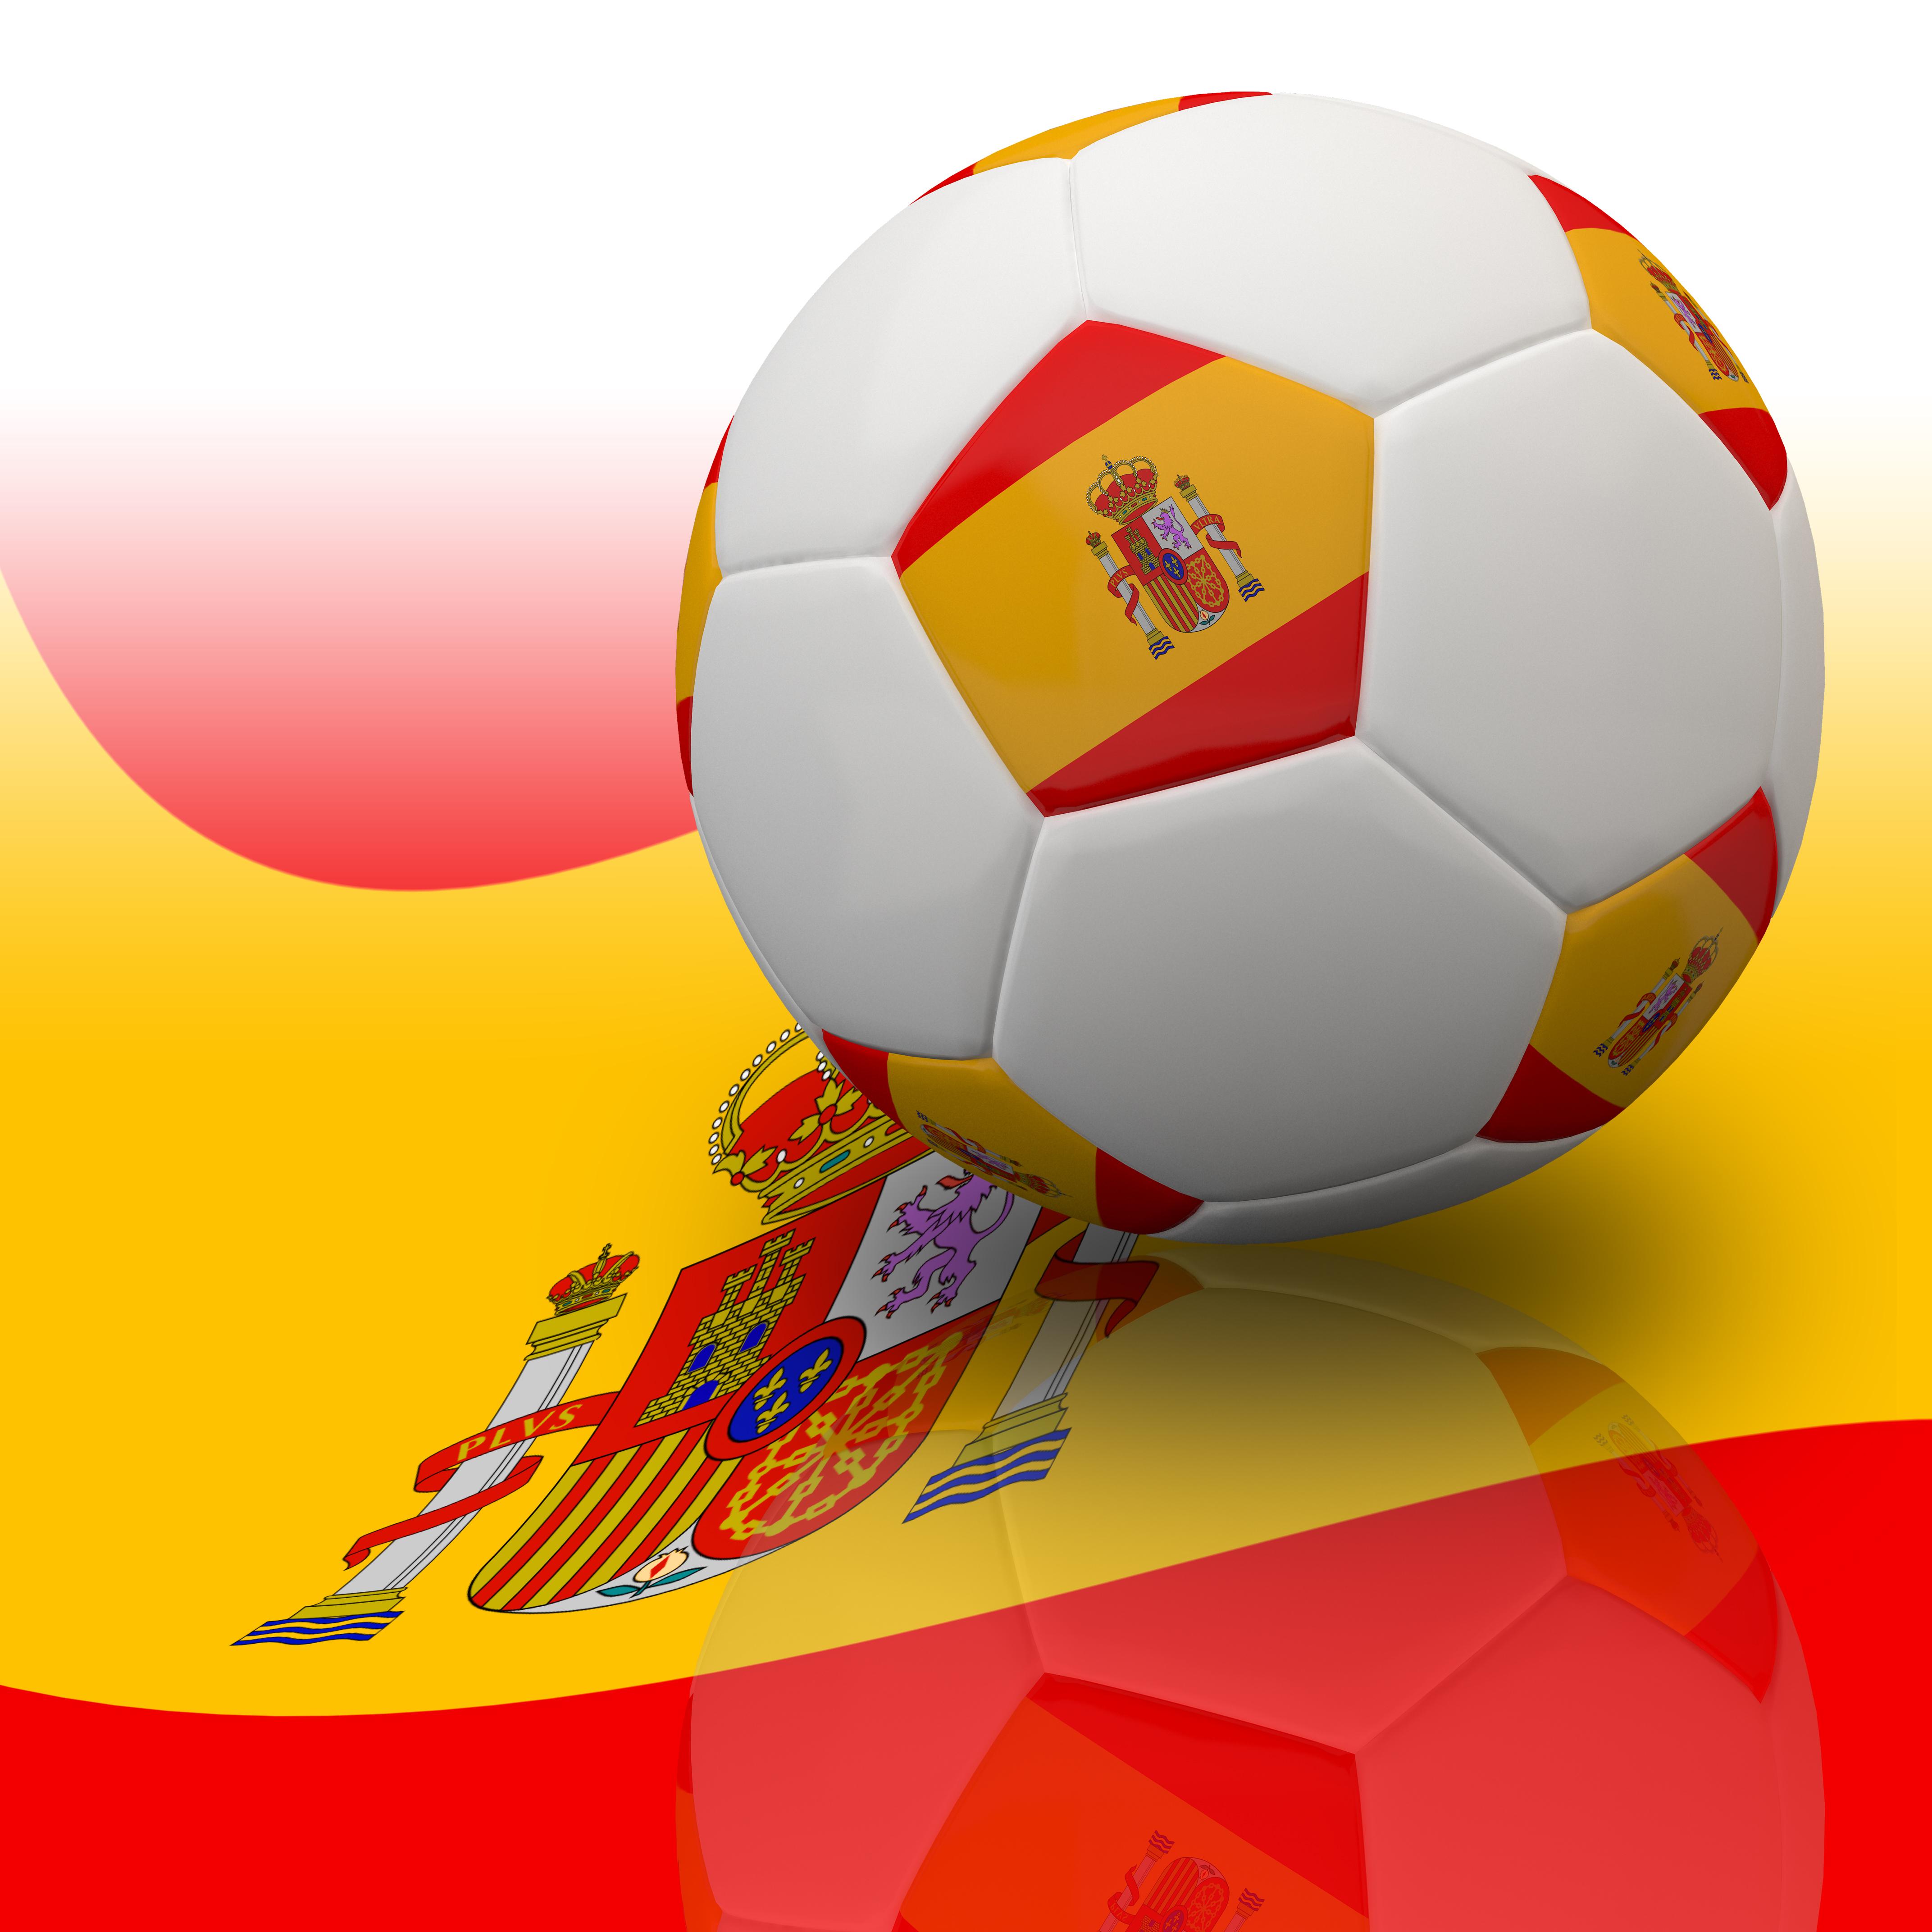 Il Real non sbaglia un colpo, vincono Siviglia ed Atletico; 23a giornata di Liga, primi risultati e classifica